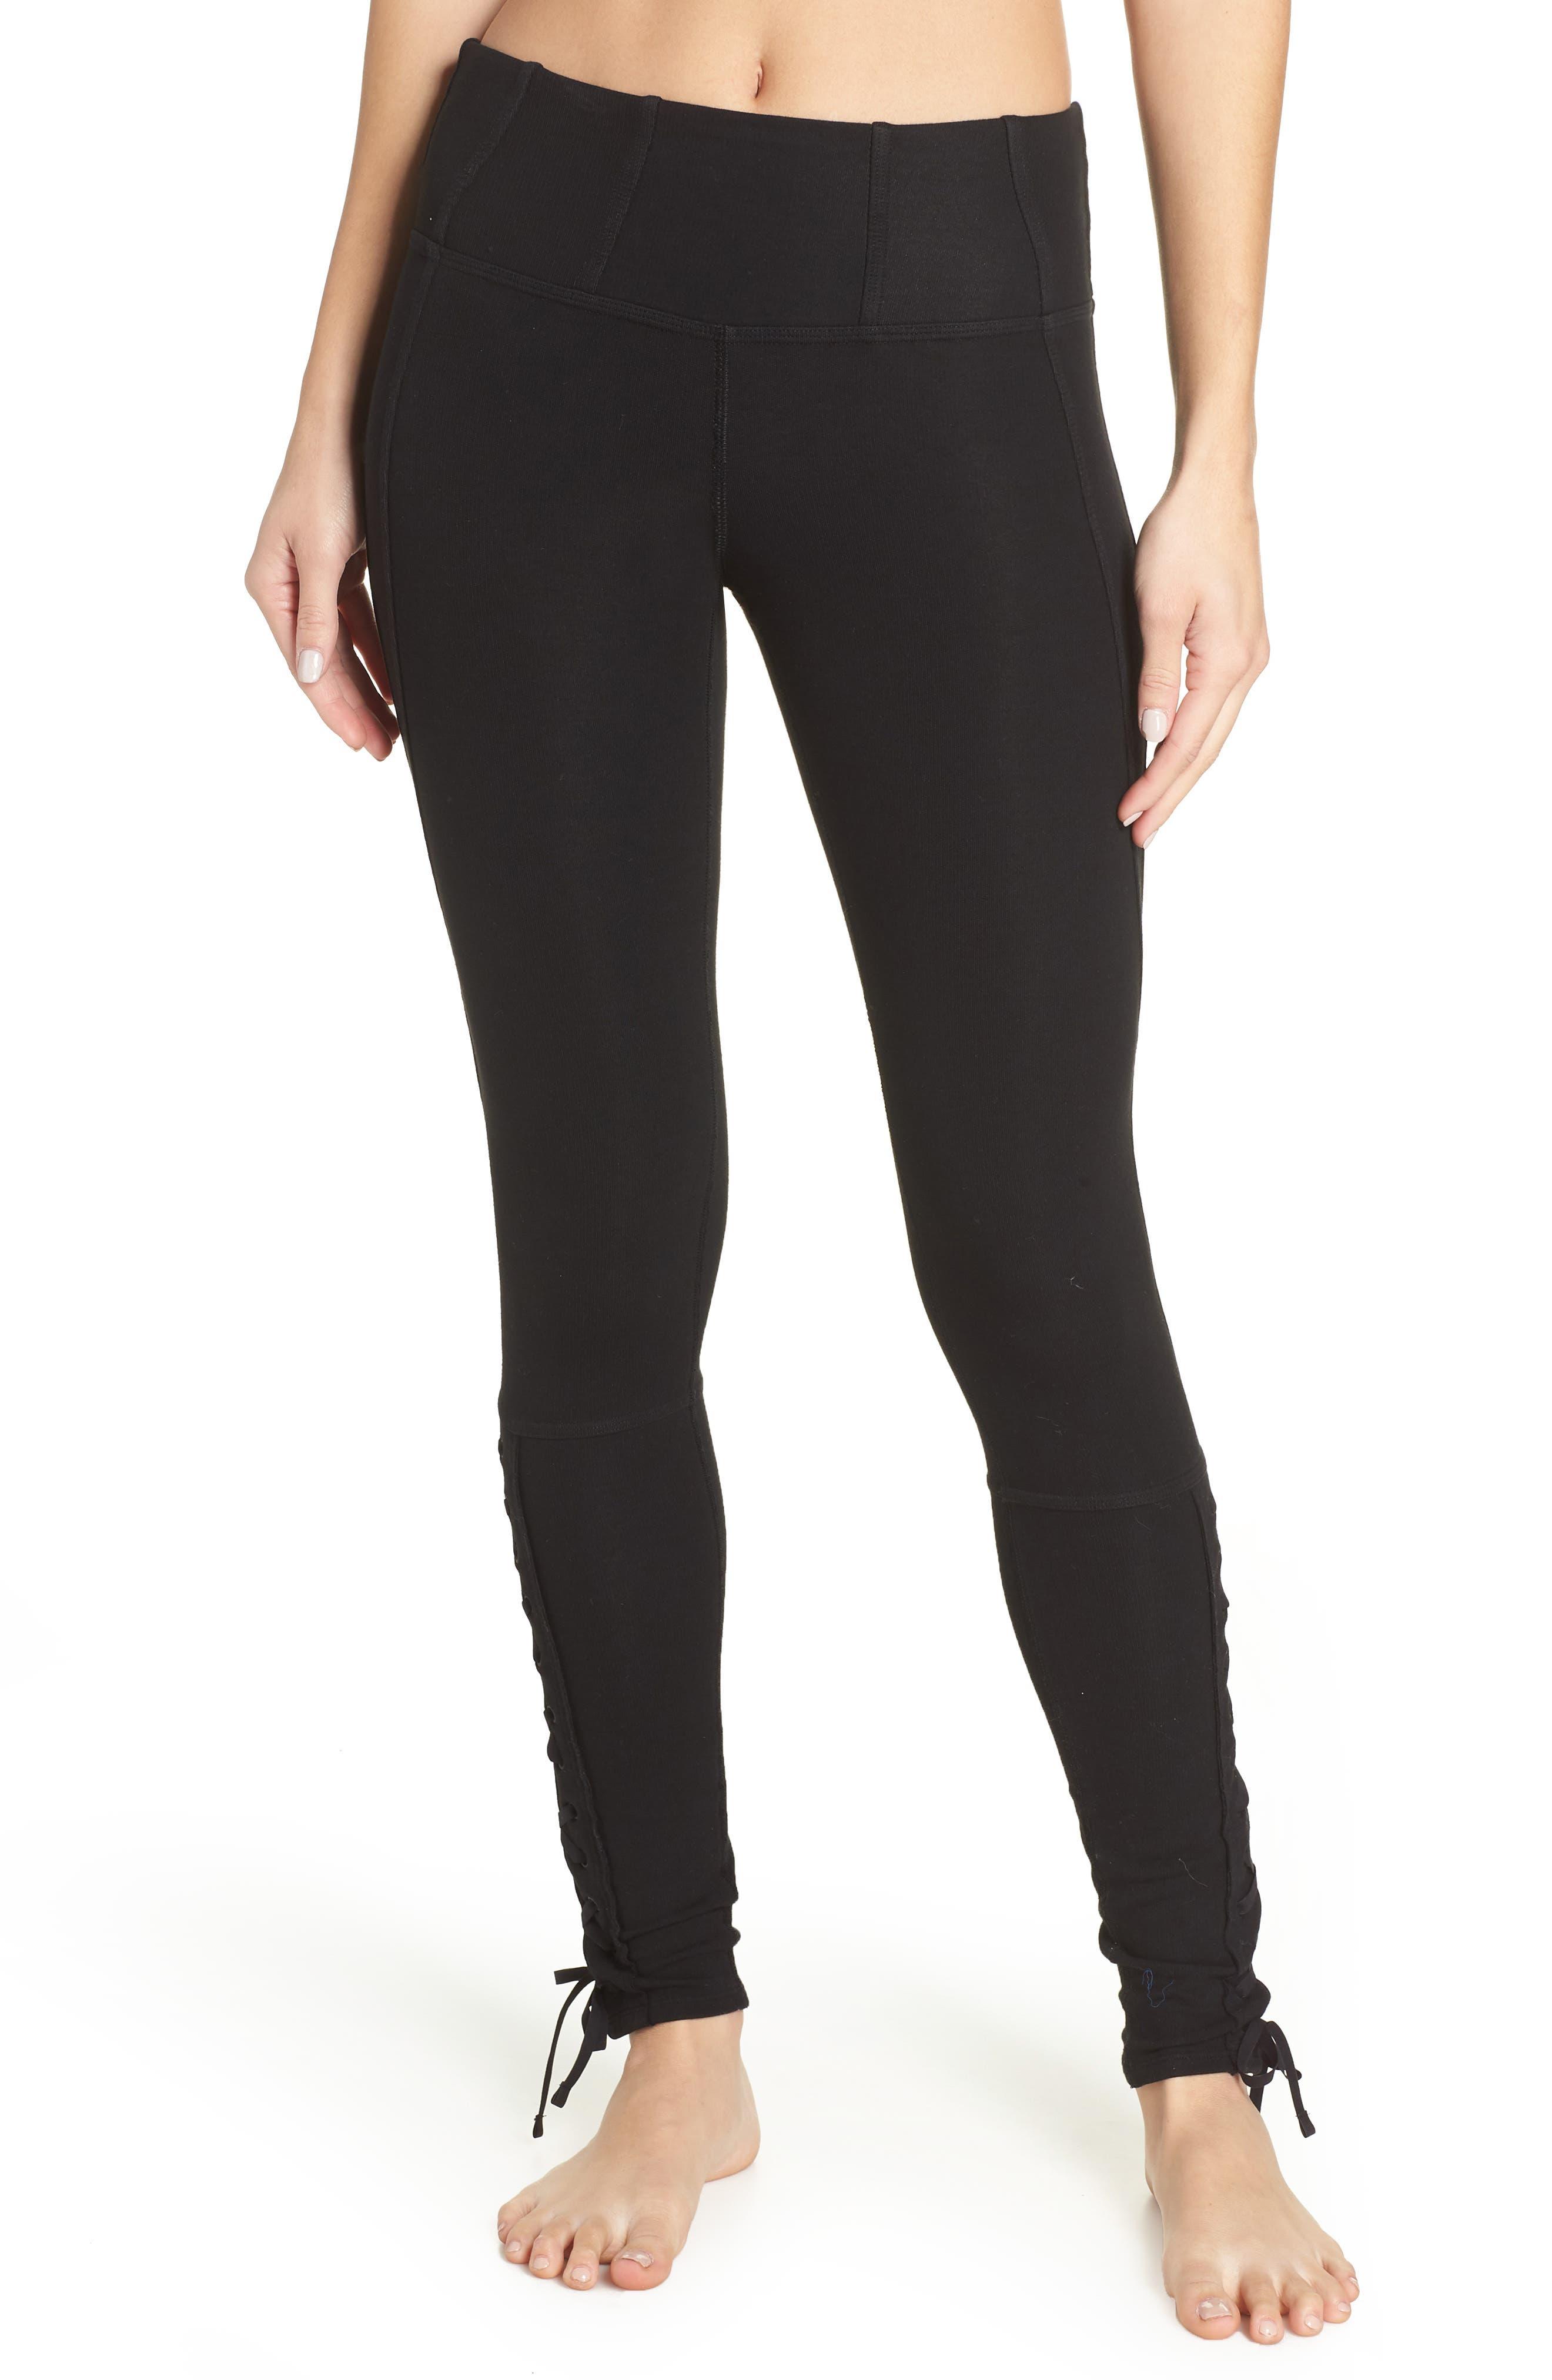 FP Movement Pixi Lace-Up Leggings,                         Main,                         color, BLACK